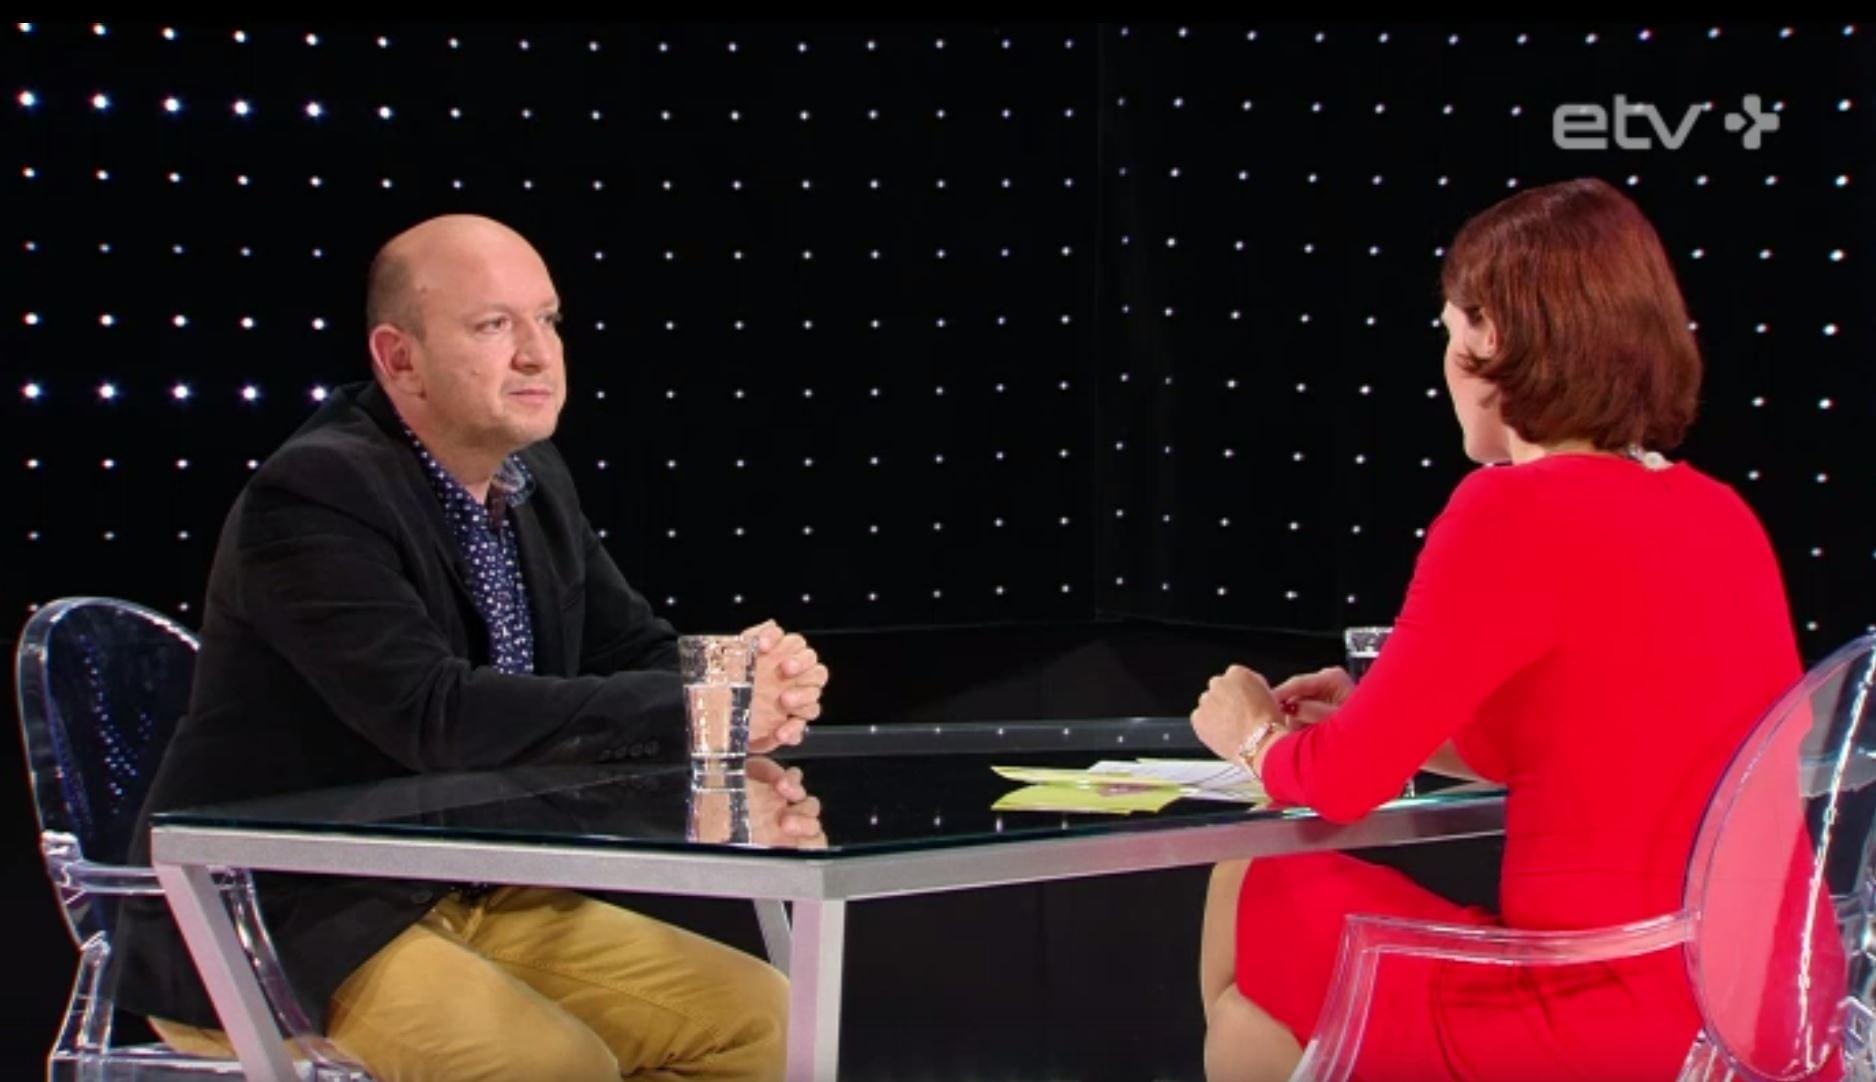 Image for На острие. Калев Стоицеску и обострение между Западом и Россией